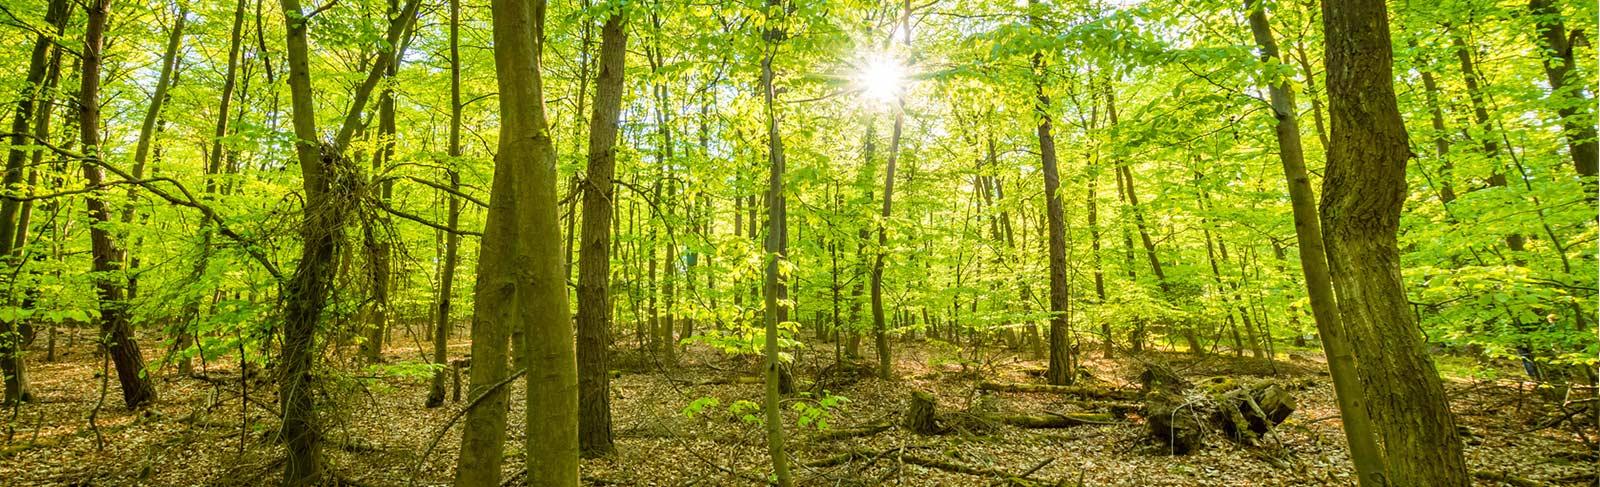 grüner Wald mit Sonnenstrahlen